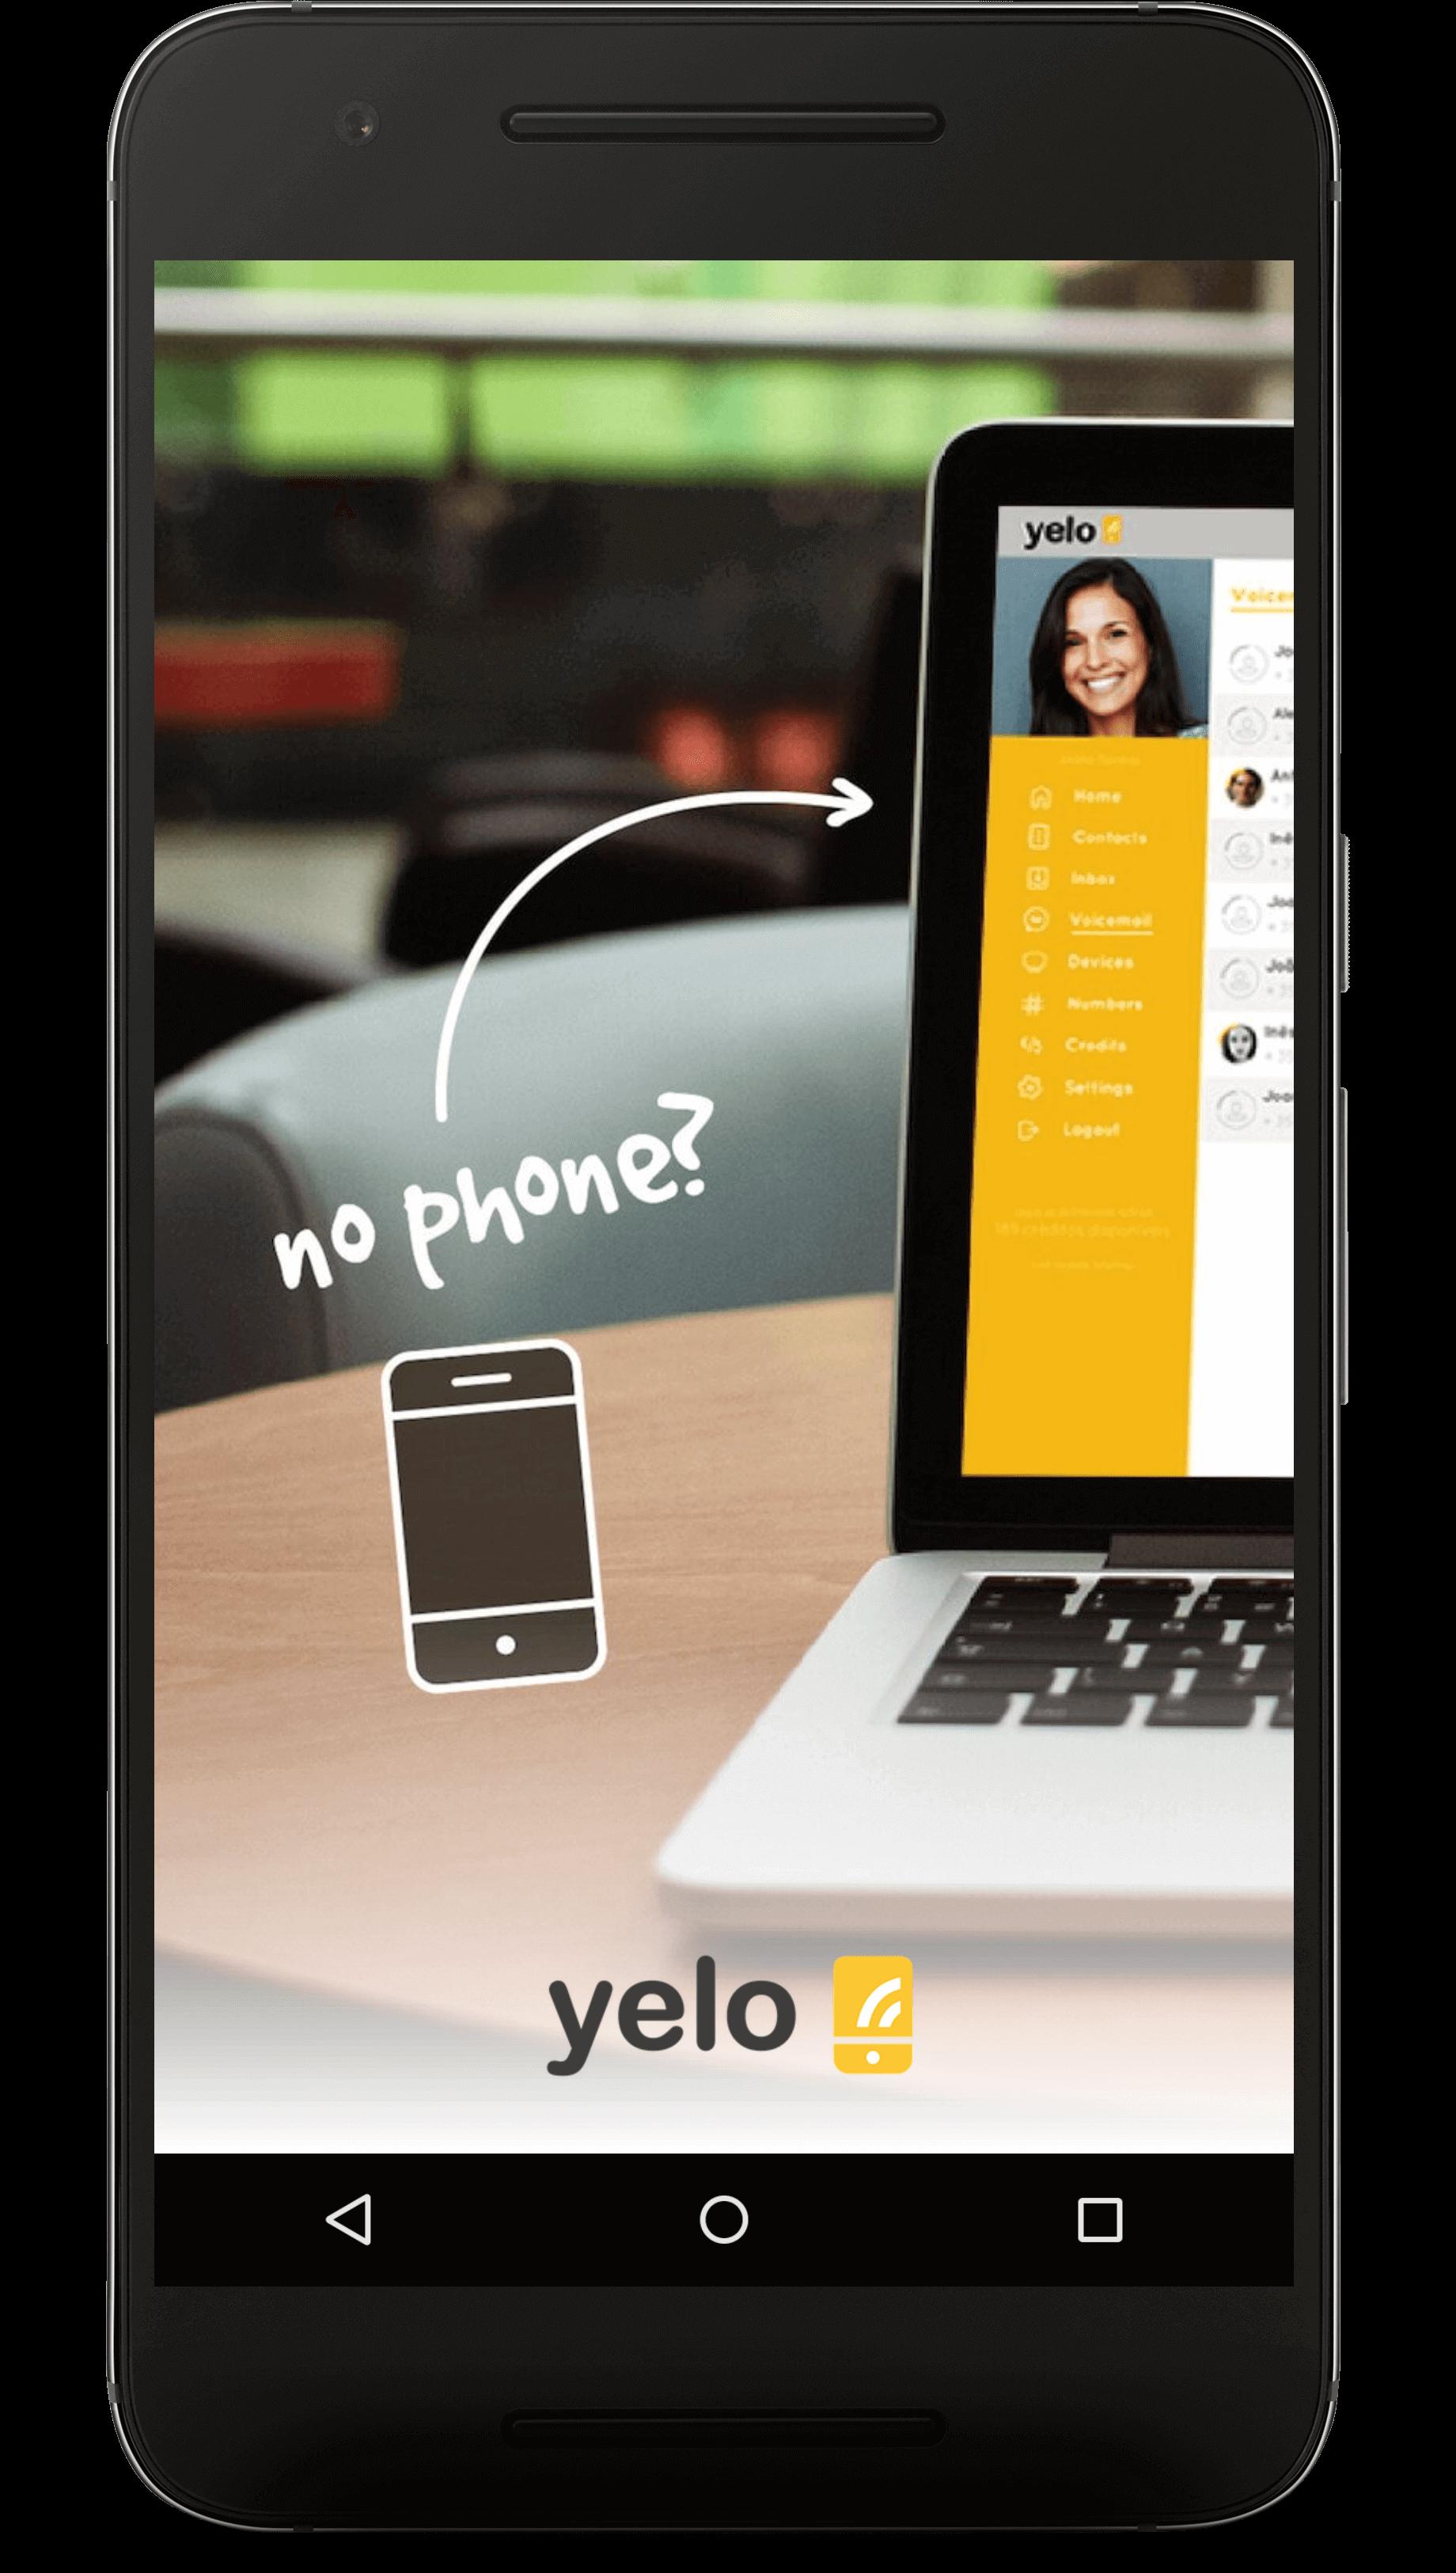 Yelo Smartphone